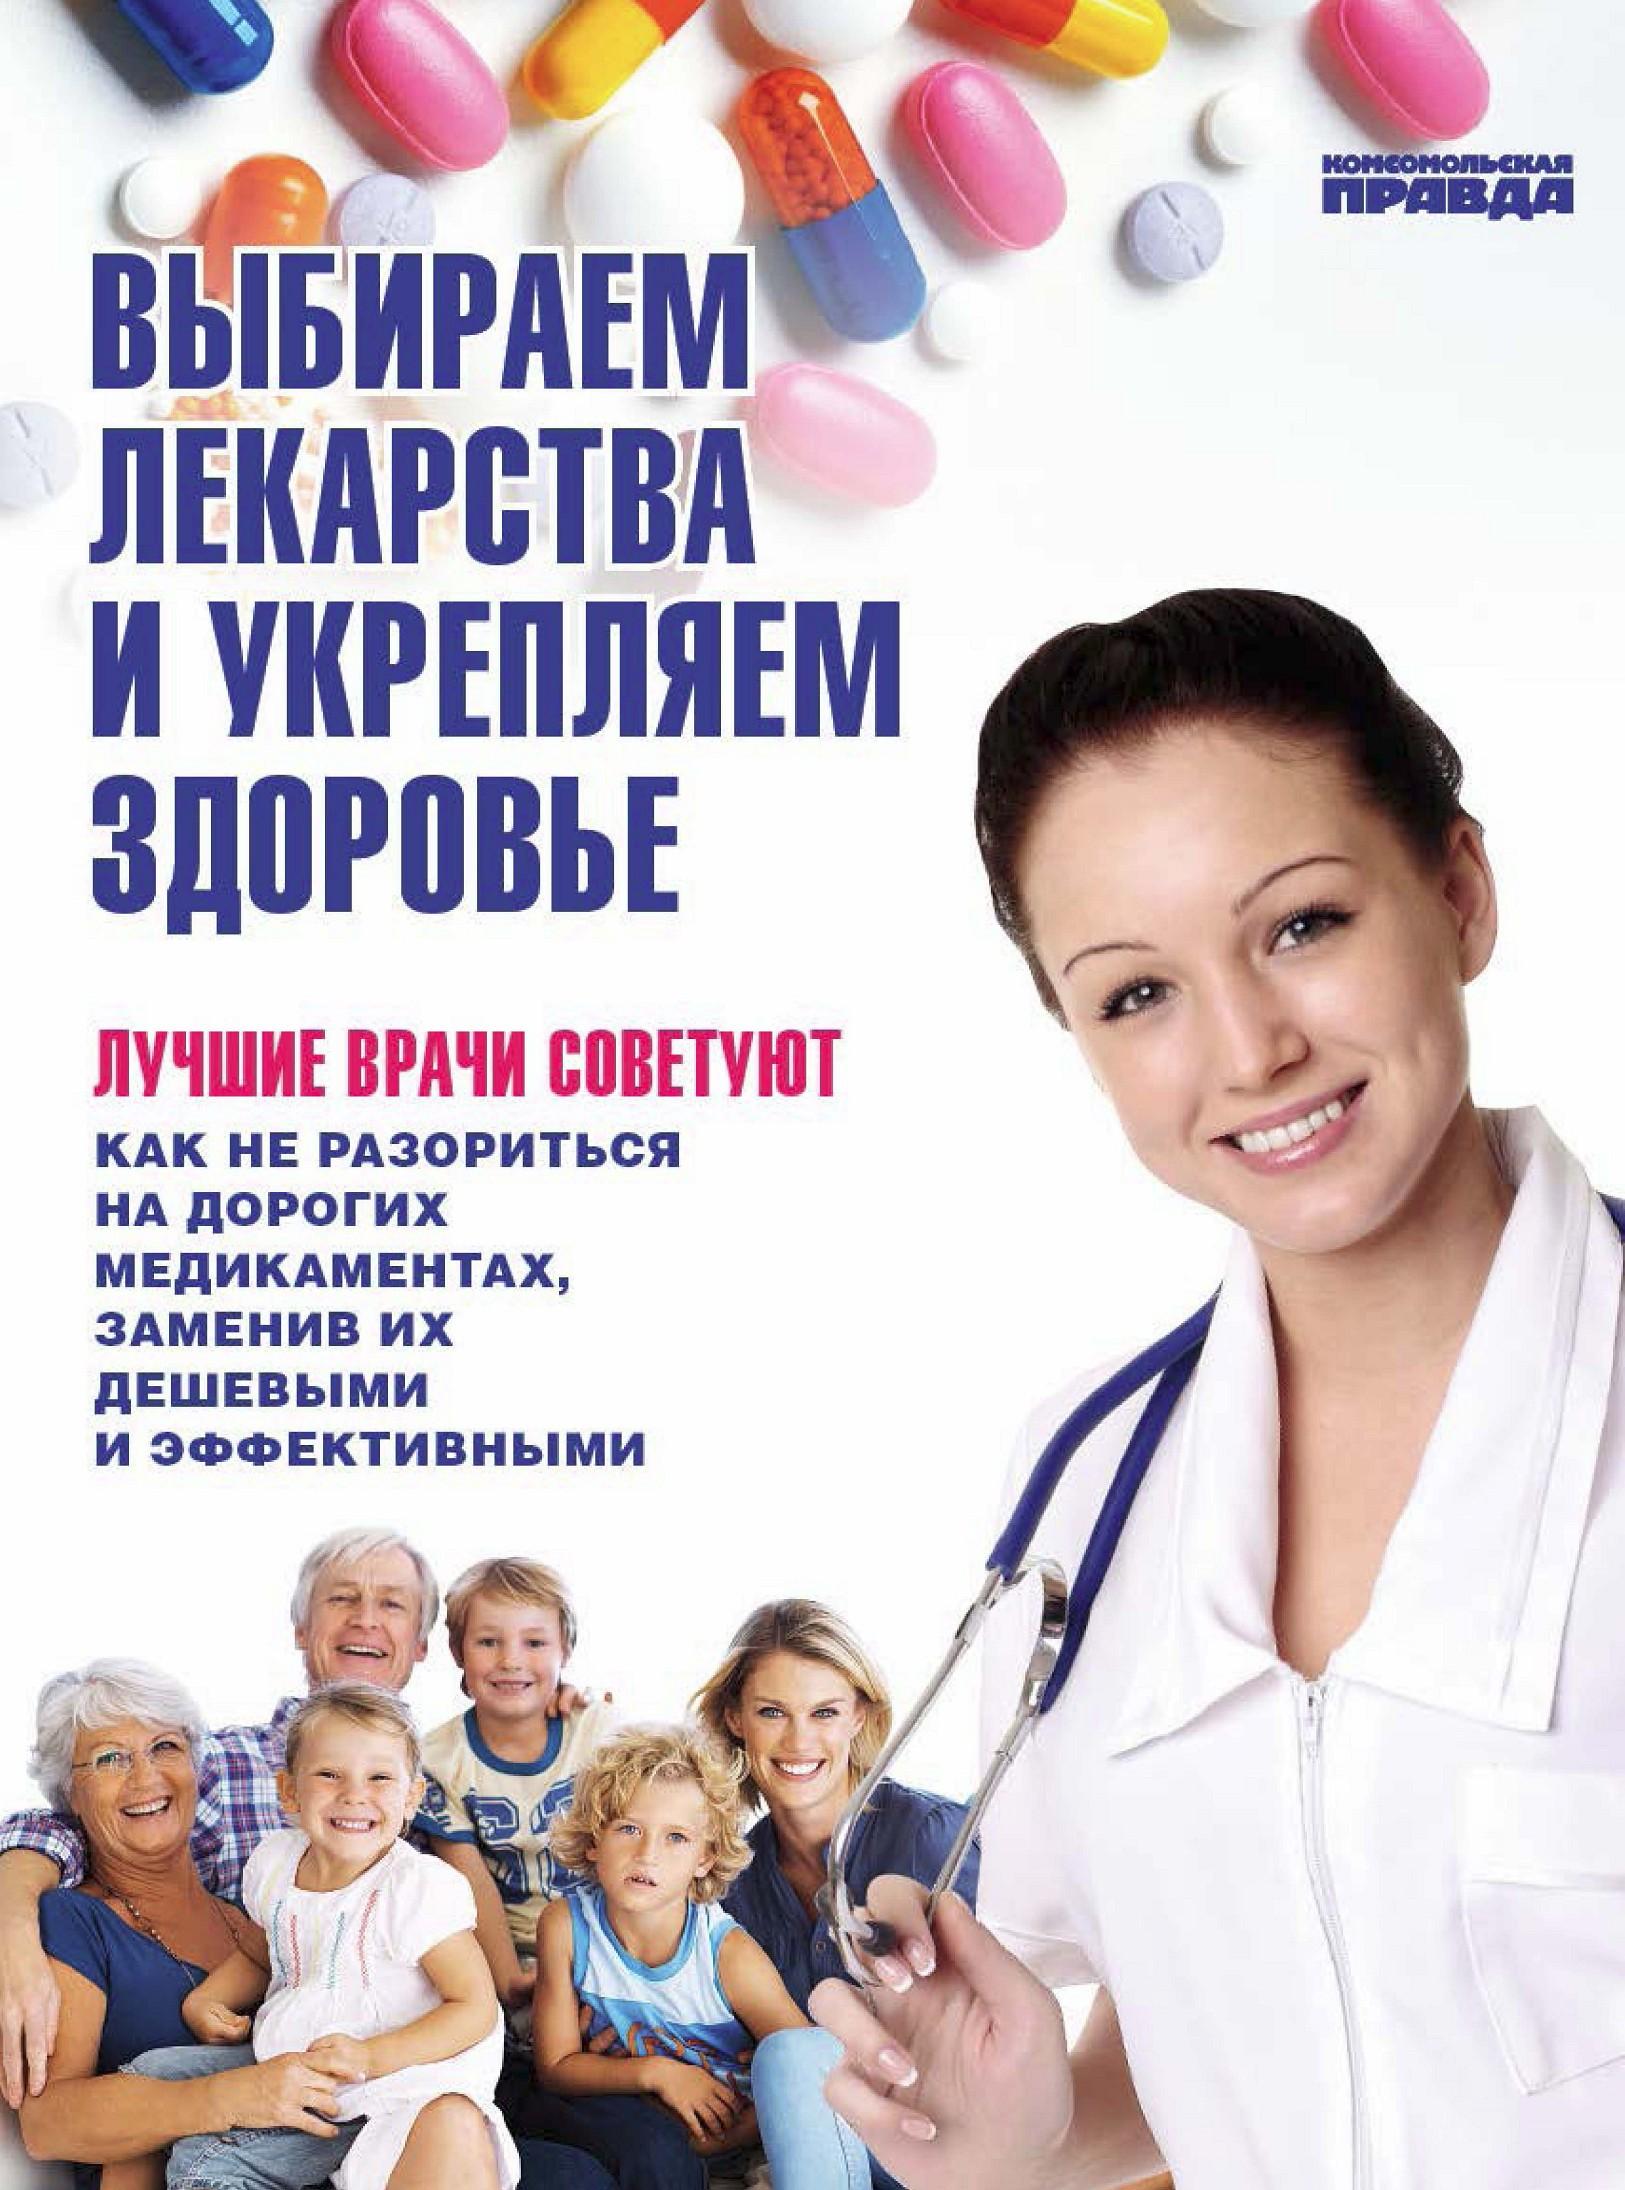 Выбираем лекарства и укрепляем здоровье